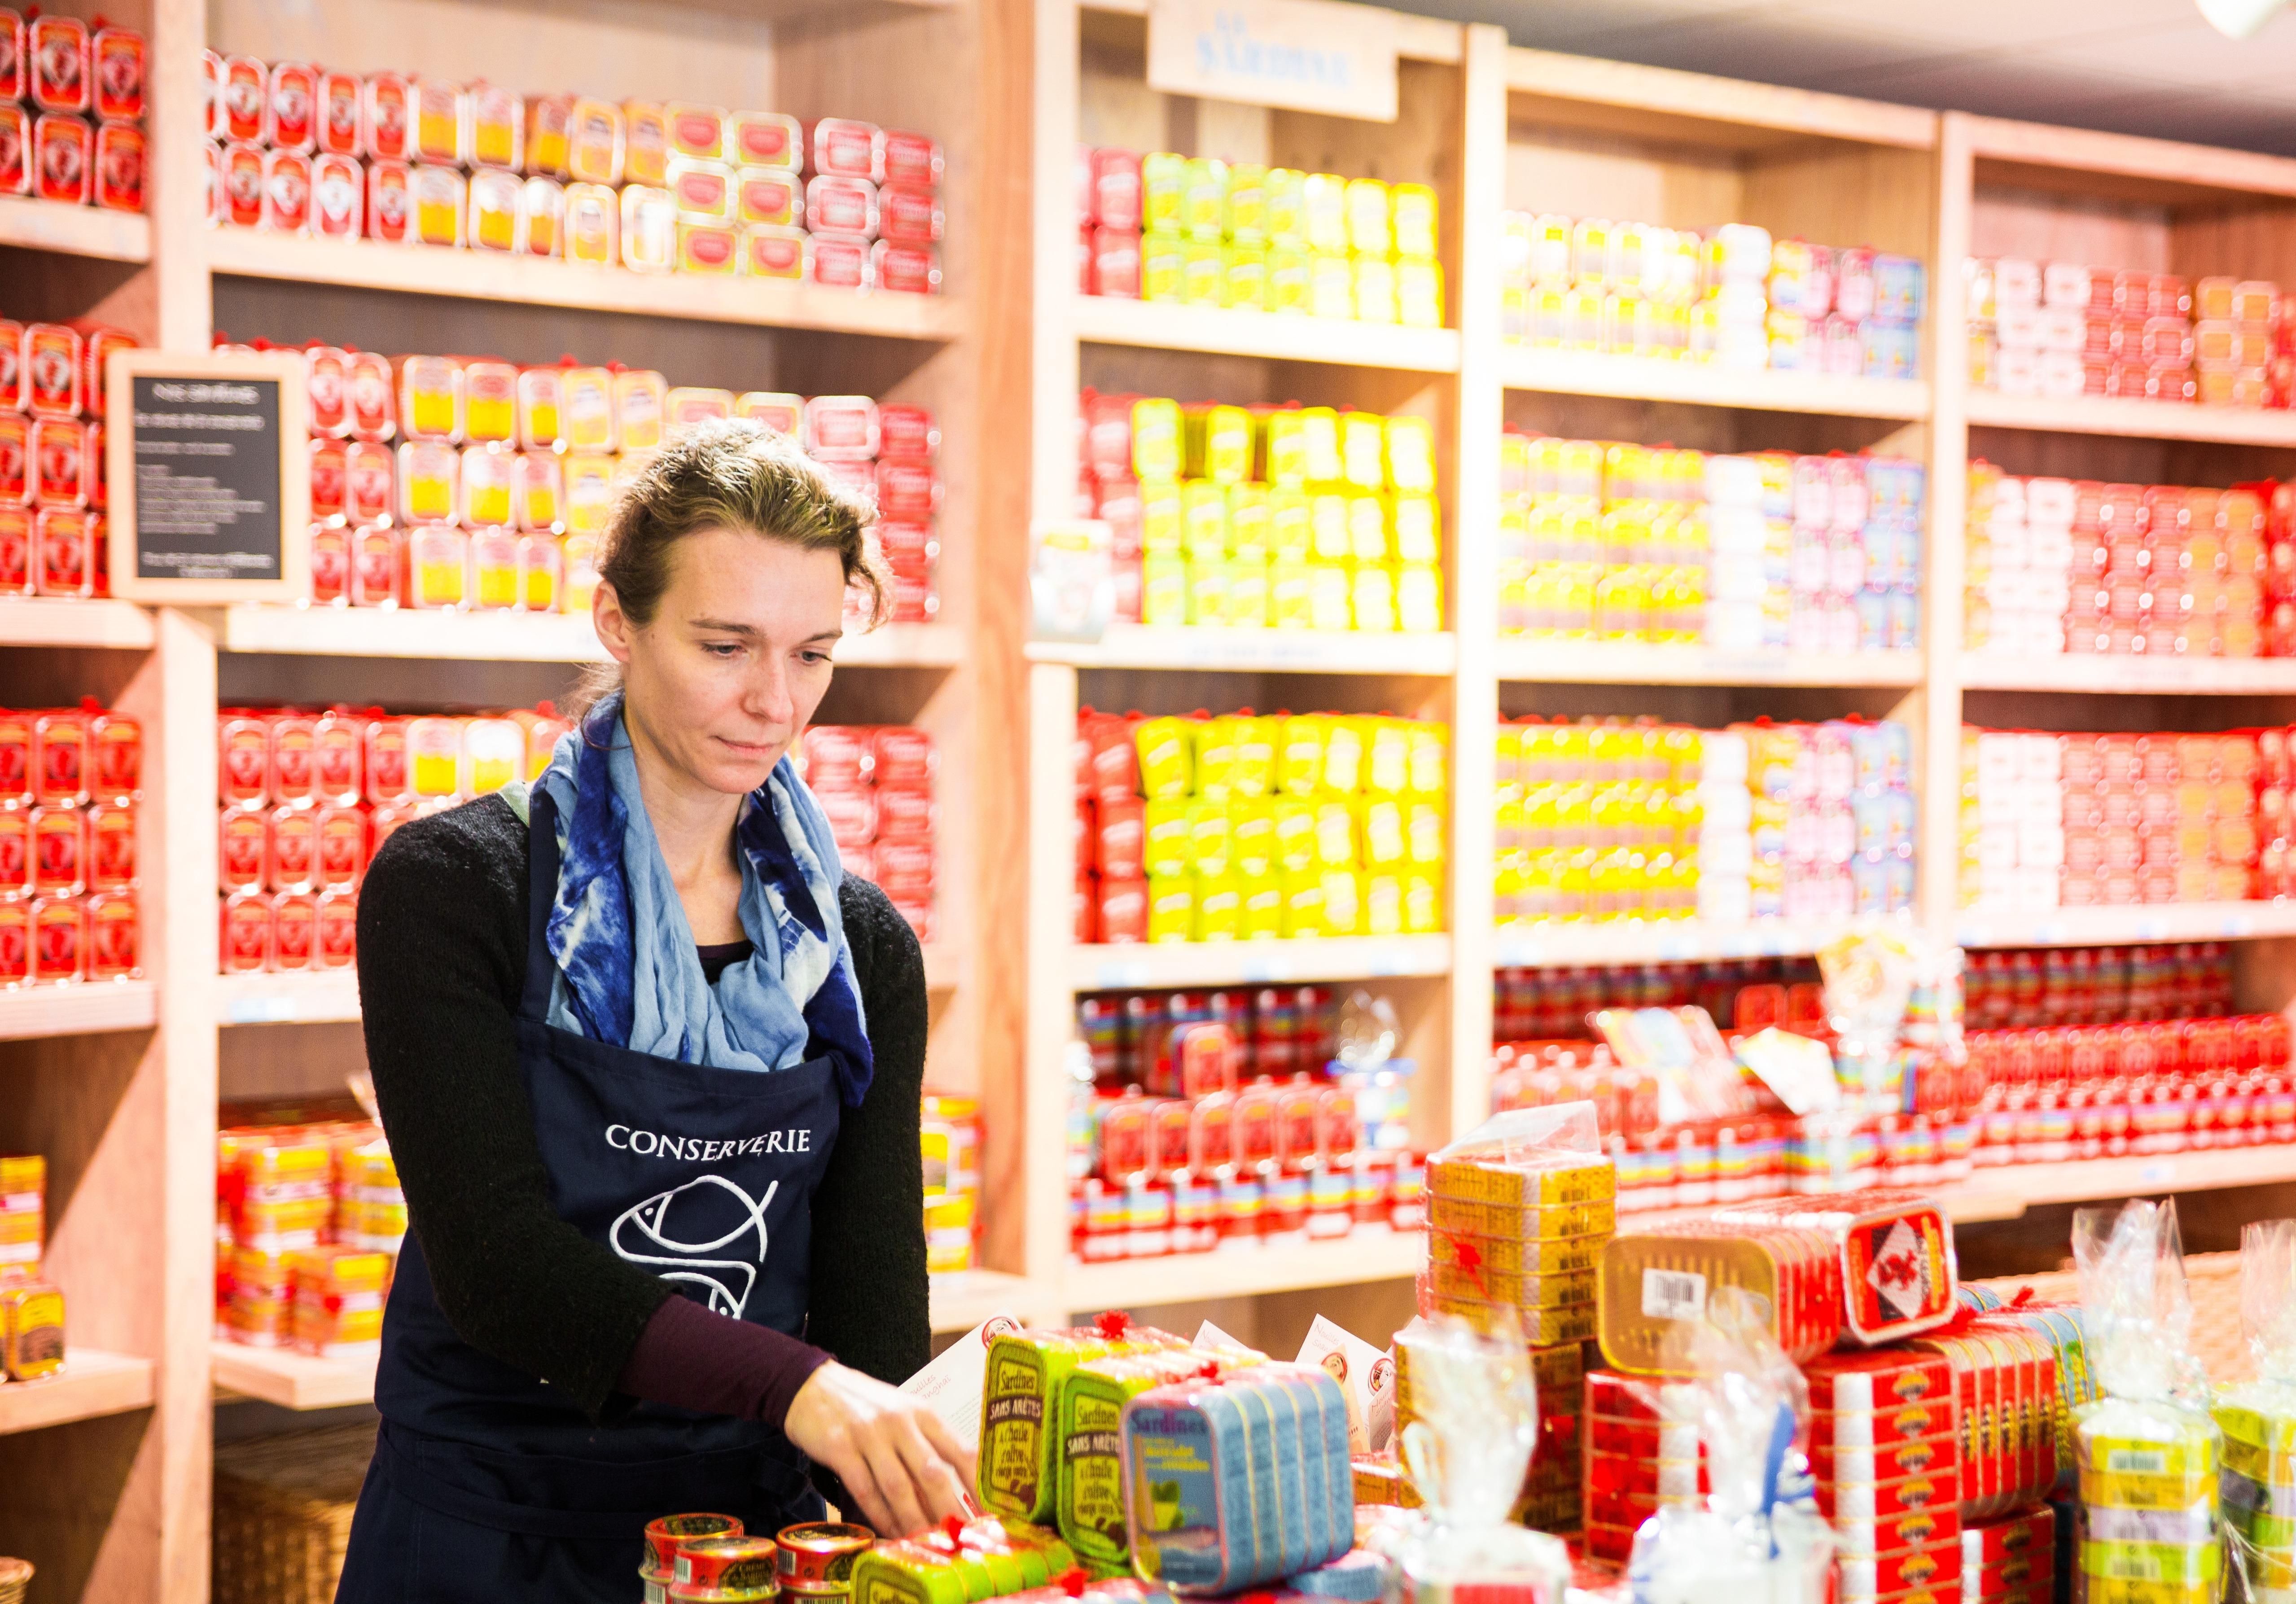 Recrutement: Vendeur conseil F/H chez La Belle Iloise à Trouville-sur-Mer